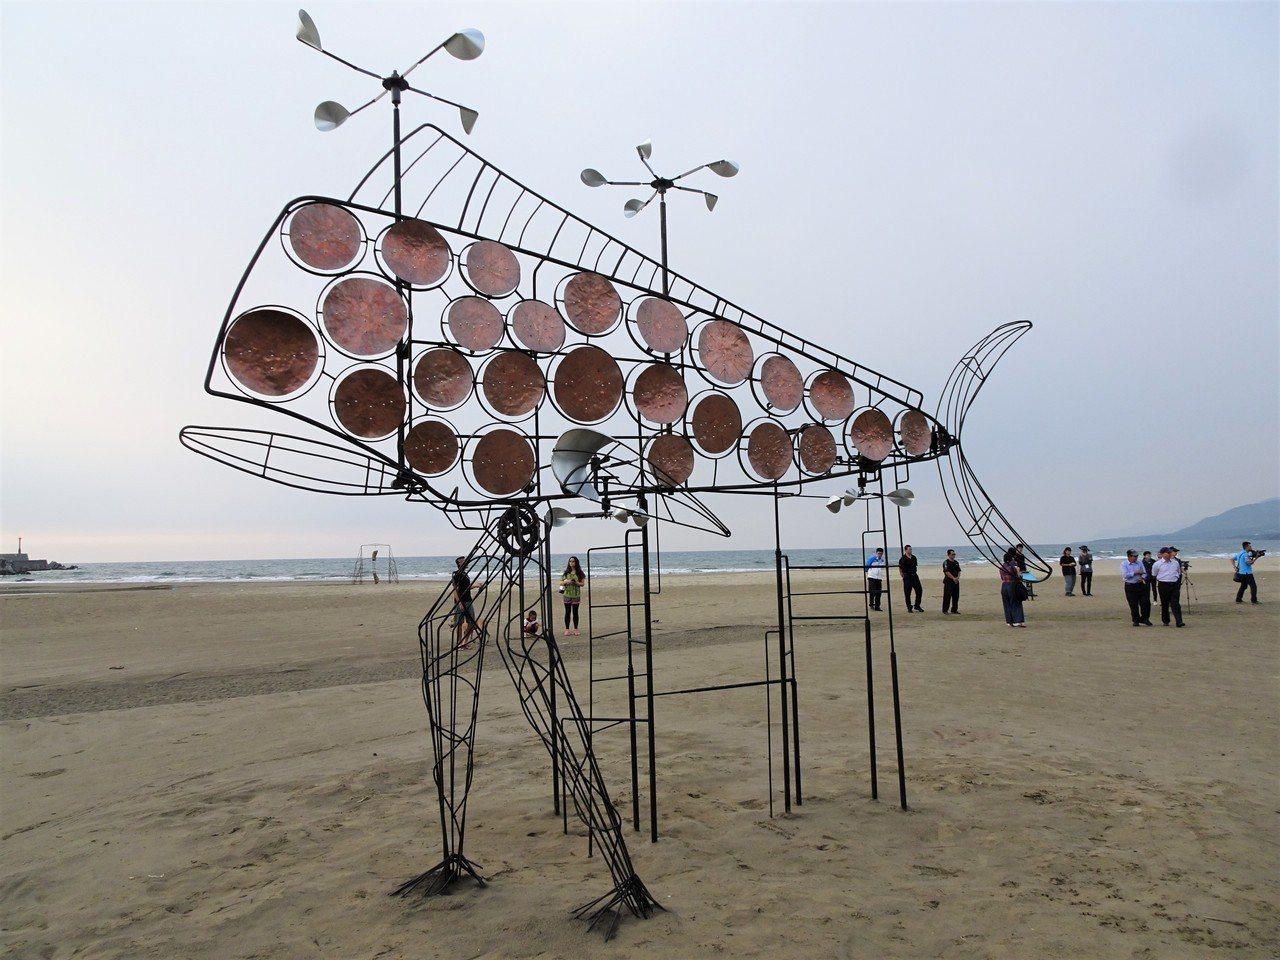 長達4個月的屏東落山風藝術季昨天展開,主場地海口港沙灘上李維睦的作品「走那鬼頭刀...